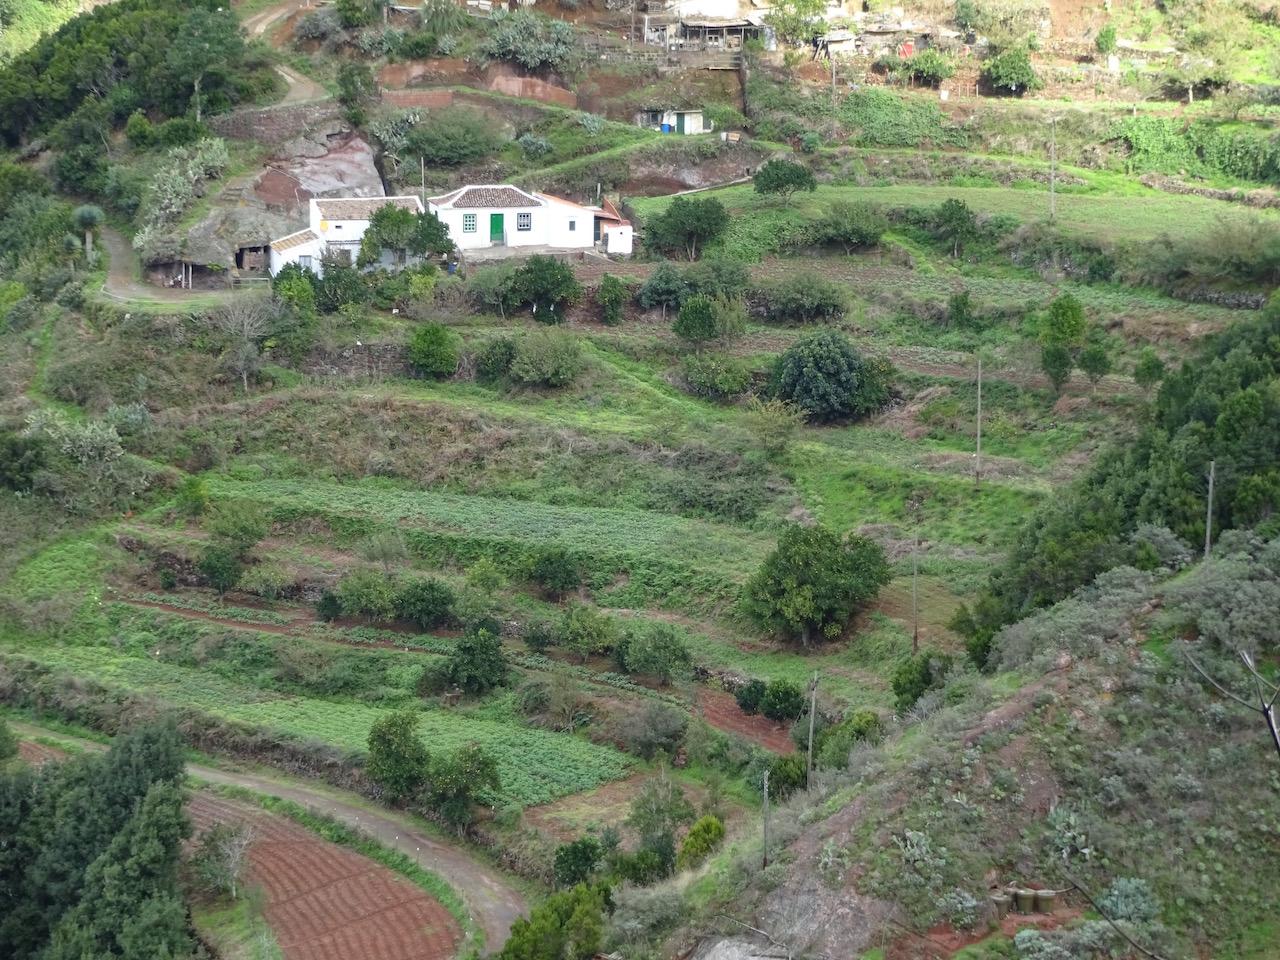 es gibt viele Terrassenfelder entlang des Weges